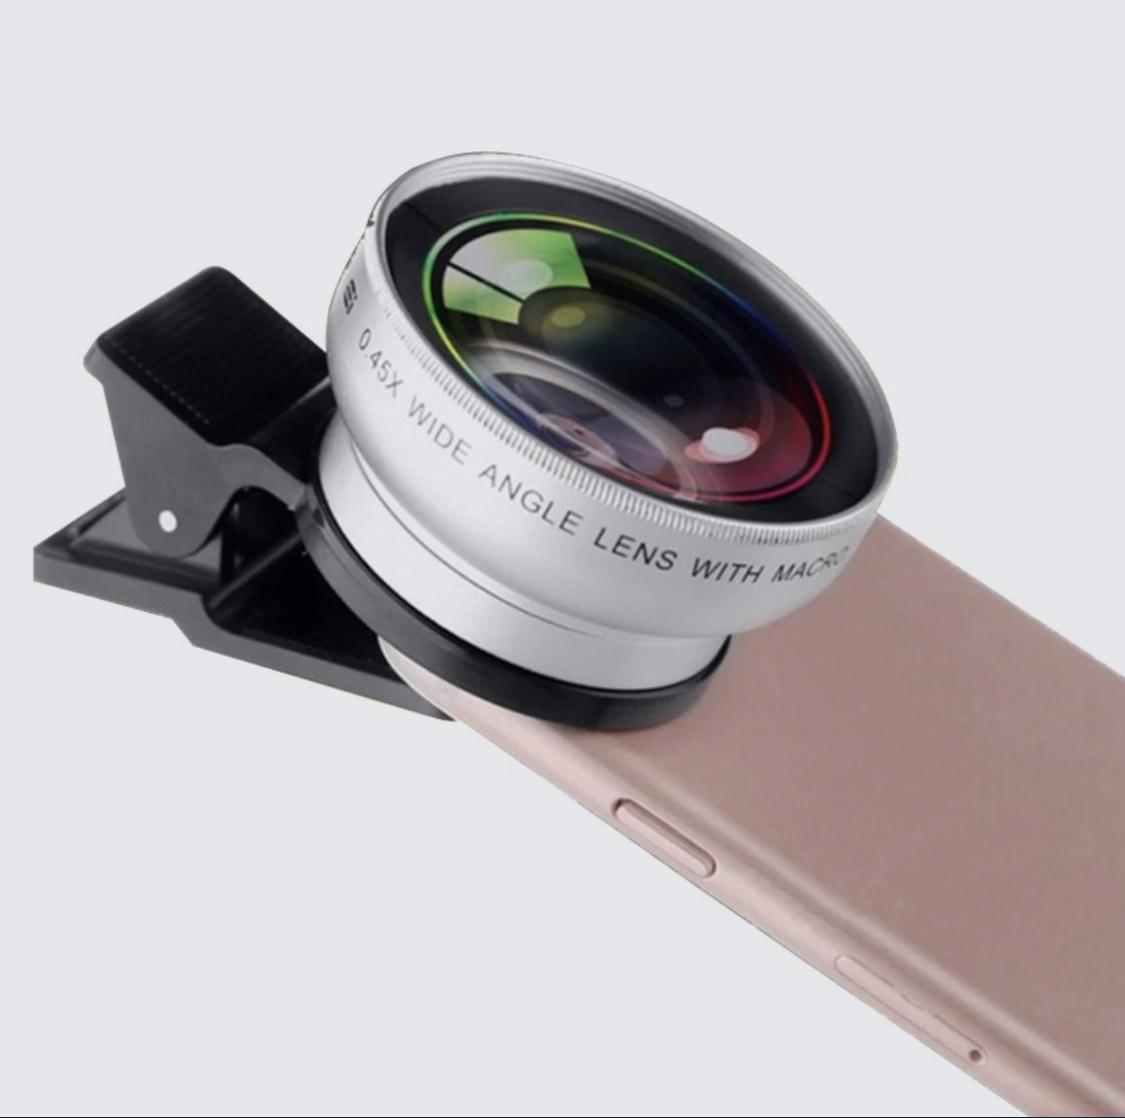 объектив panda shop универсальный для смартфона fisheye рыбий глаз, линза для макро съемки